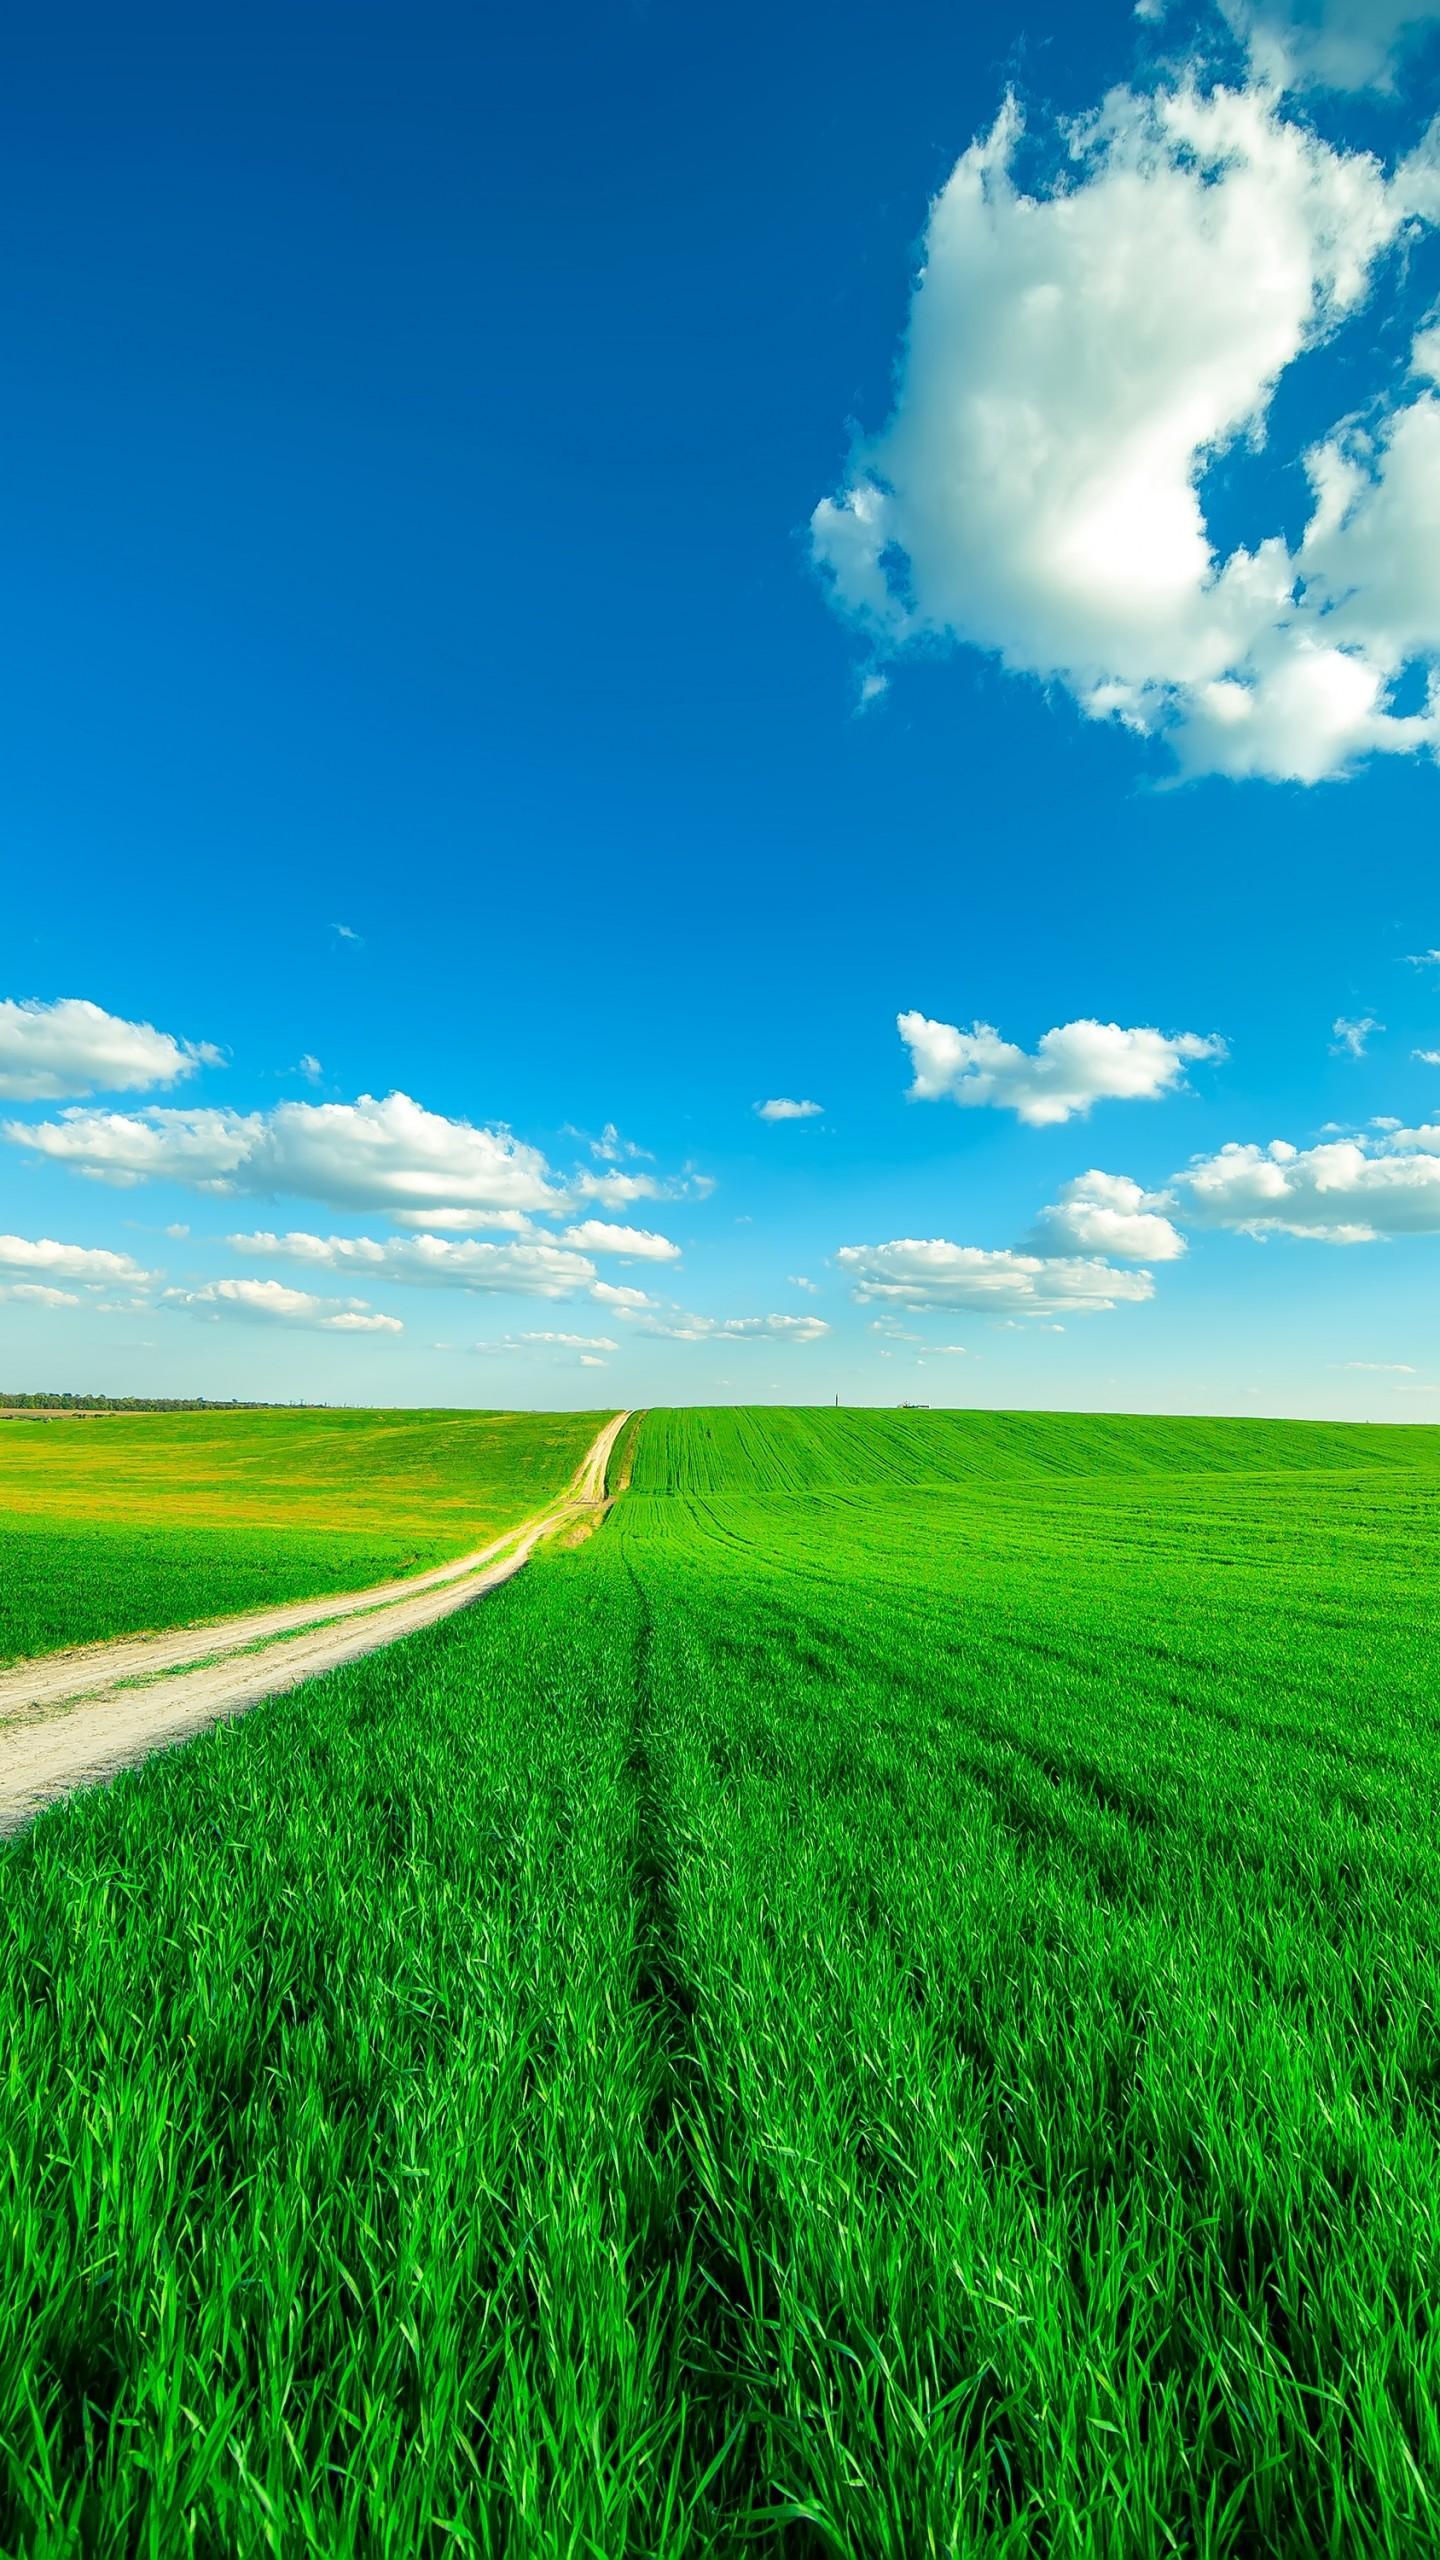 عکس زمینه آسمان پاک و طبیعت سبز پس زمینه